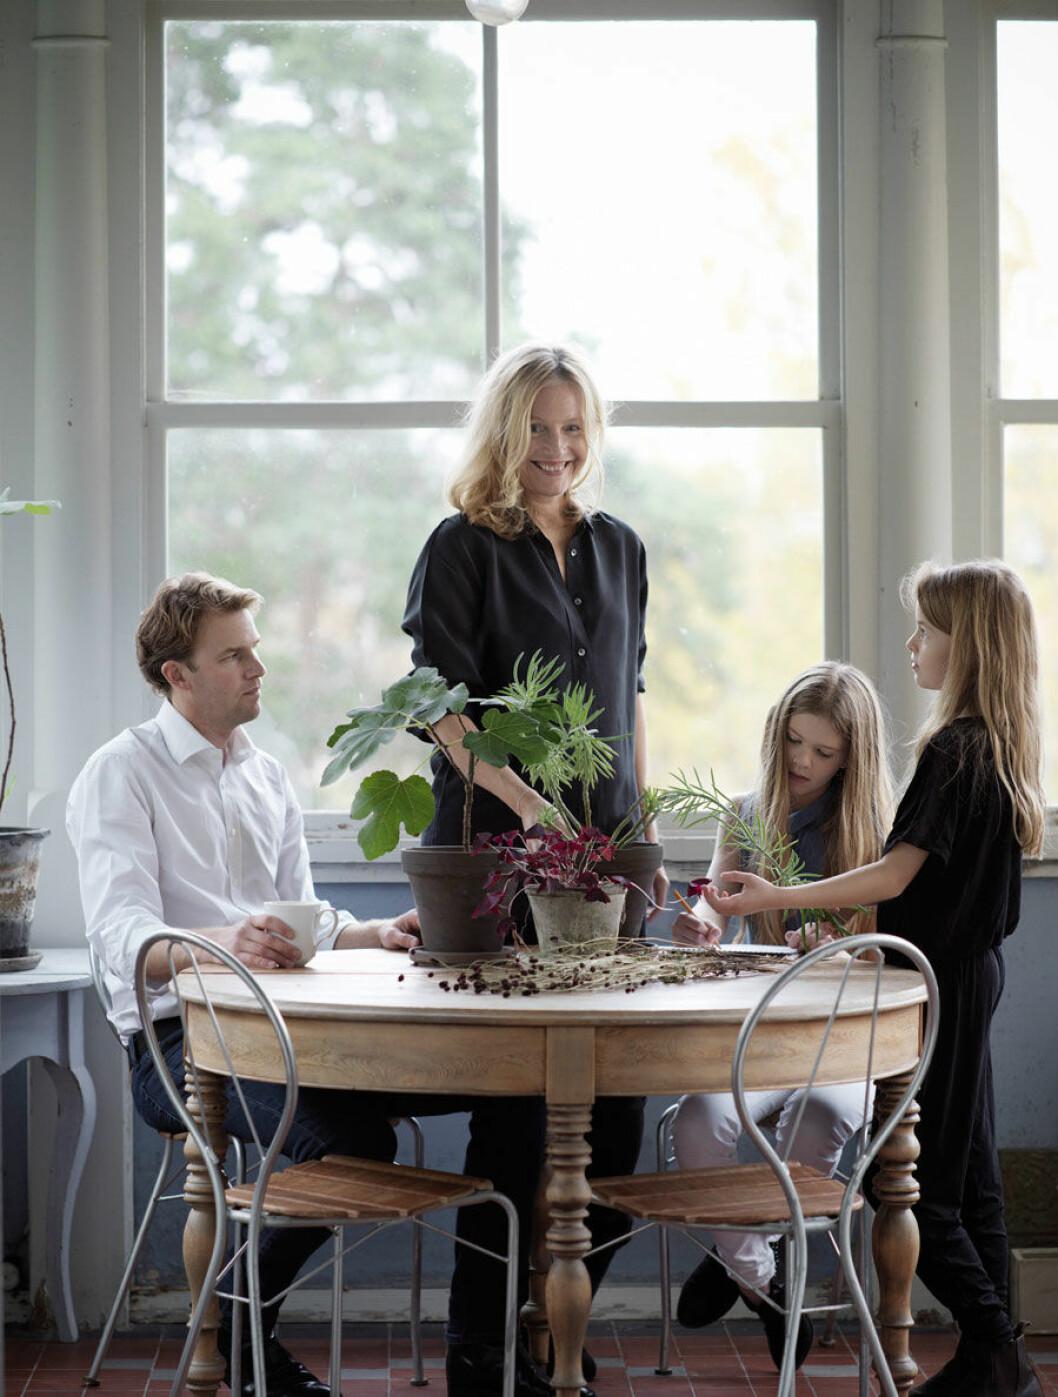 Anna Lenskog och Petter Belfrage med familj